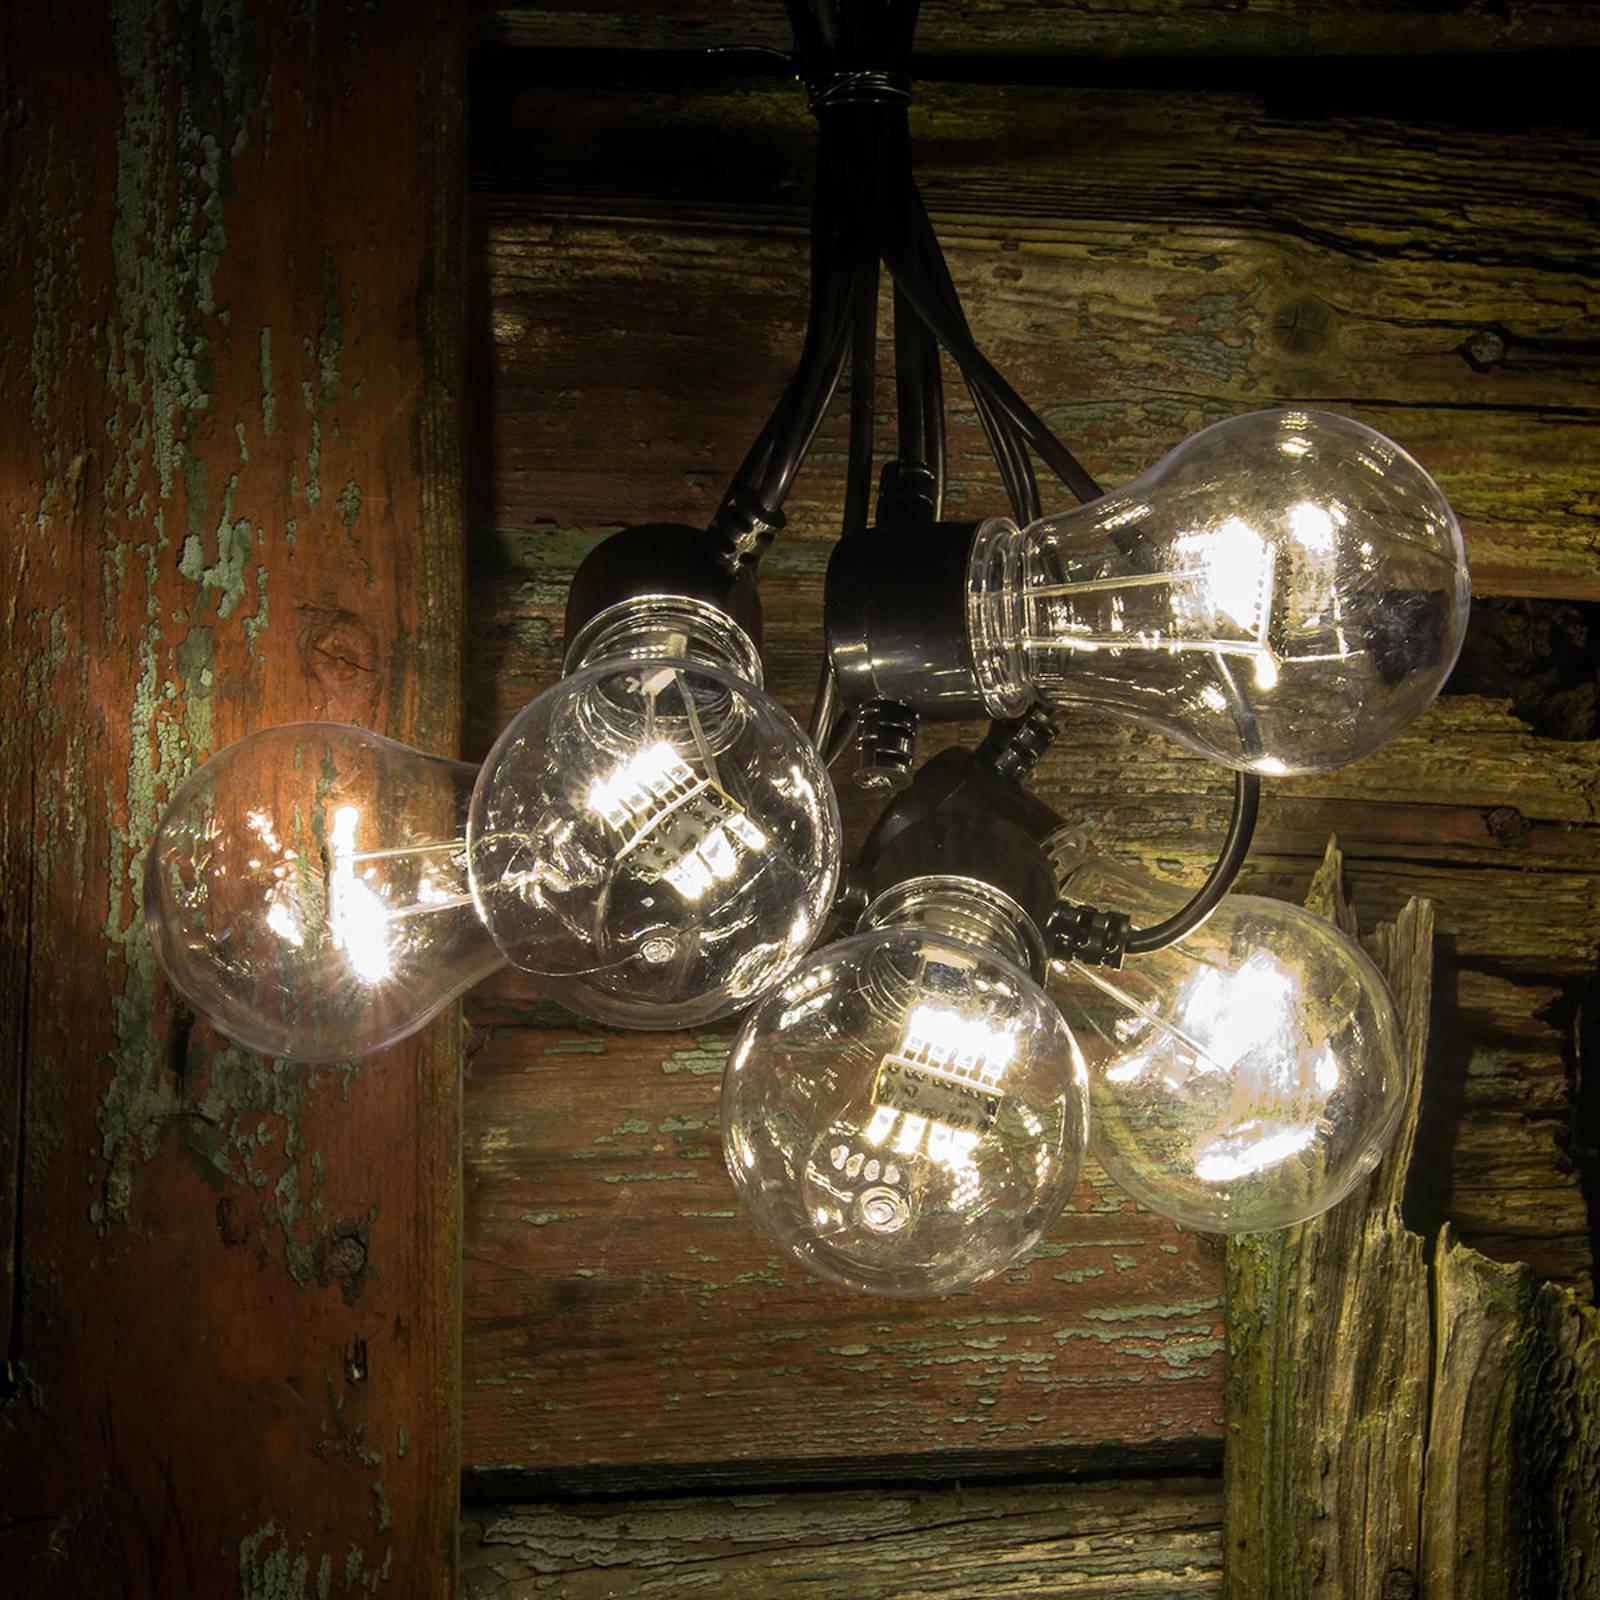 LED-valoketju hehkuoptiikka lämmin valk. 5-lampp.